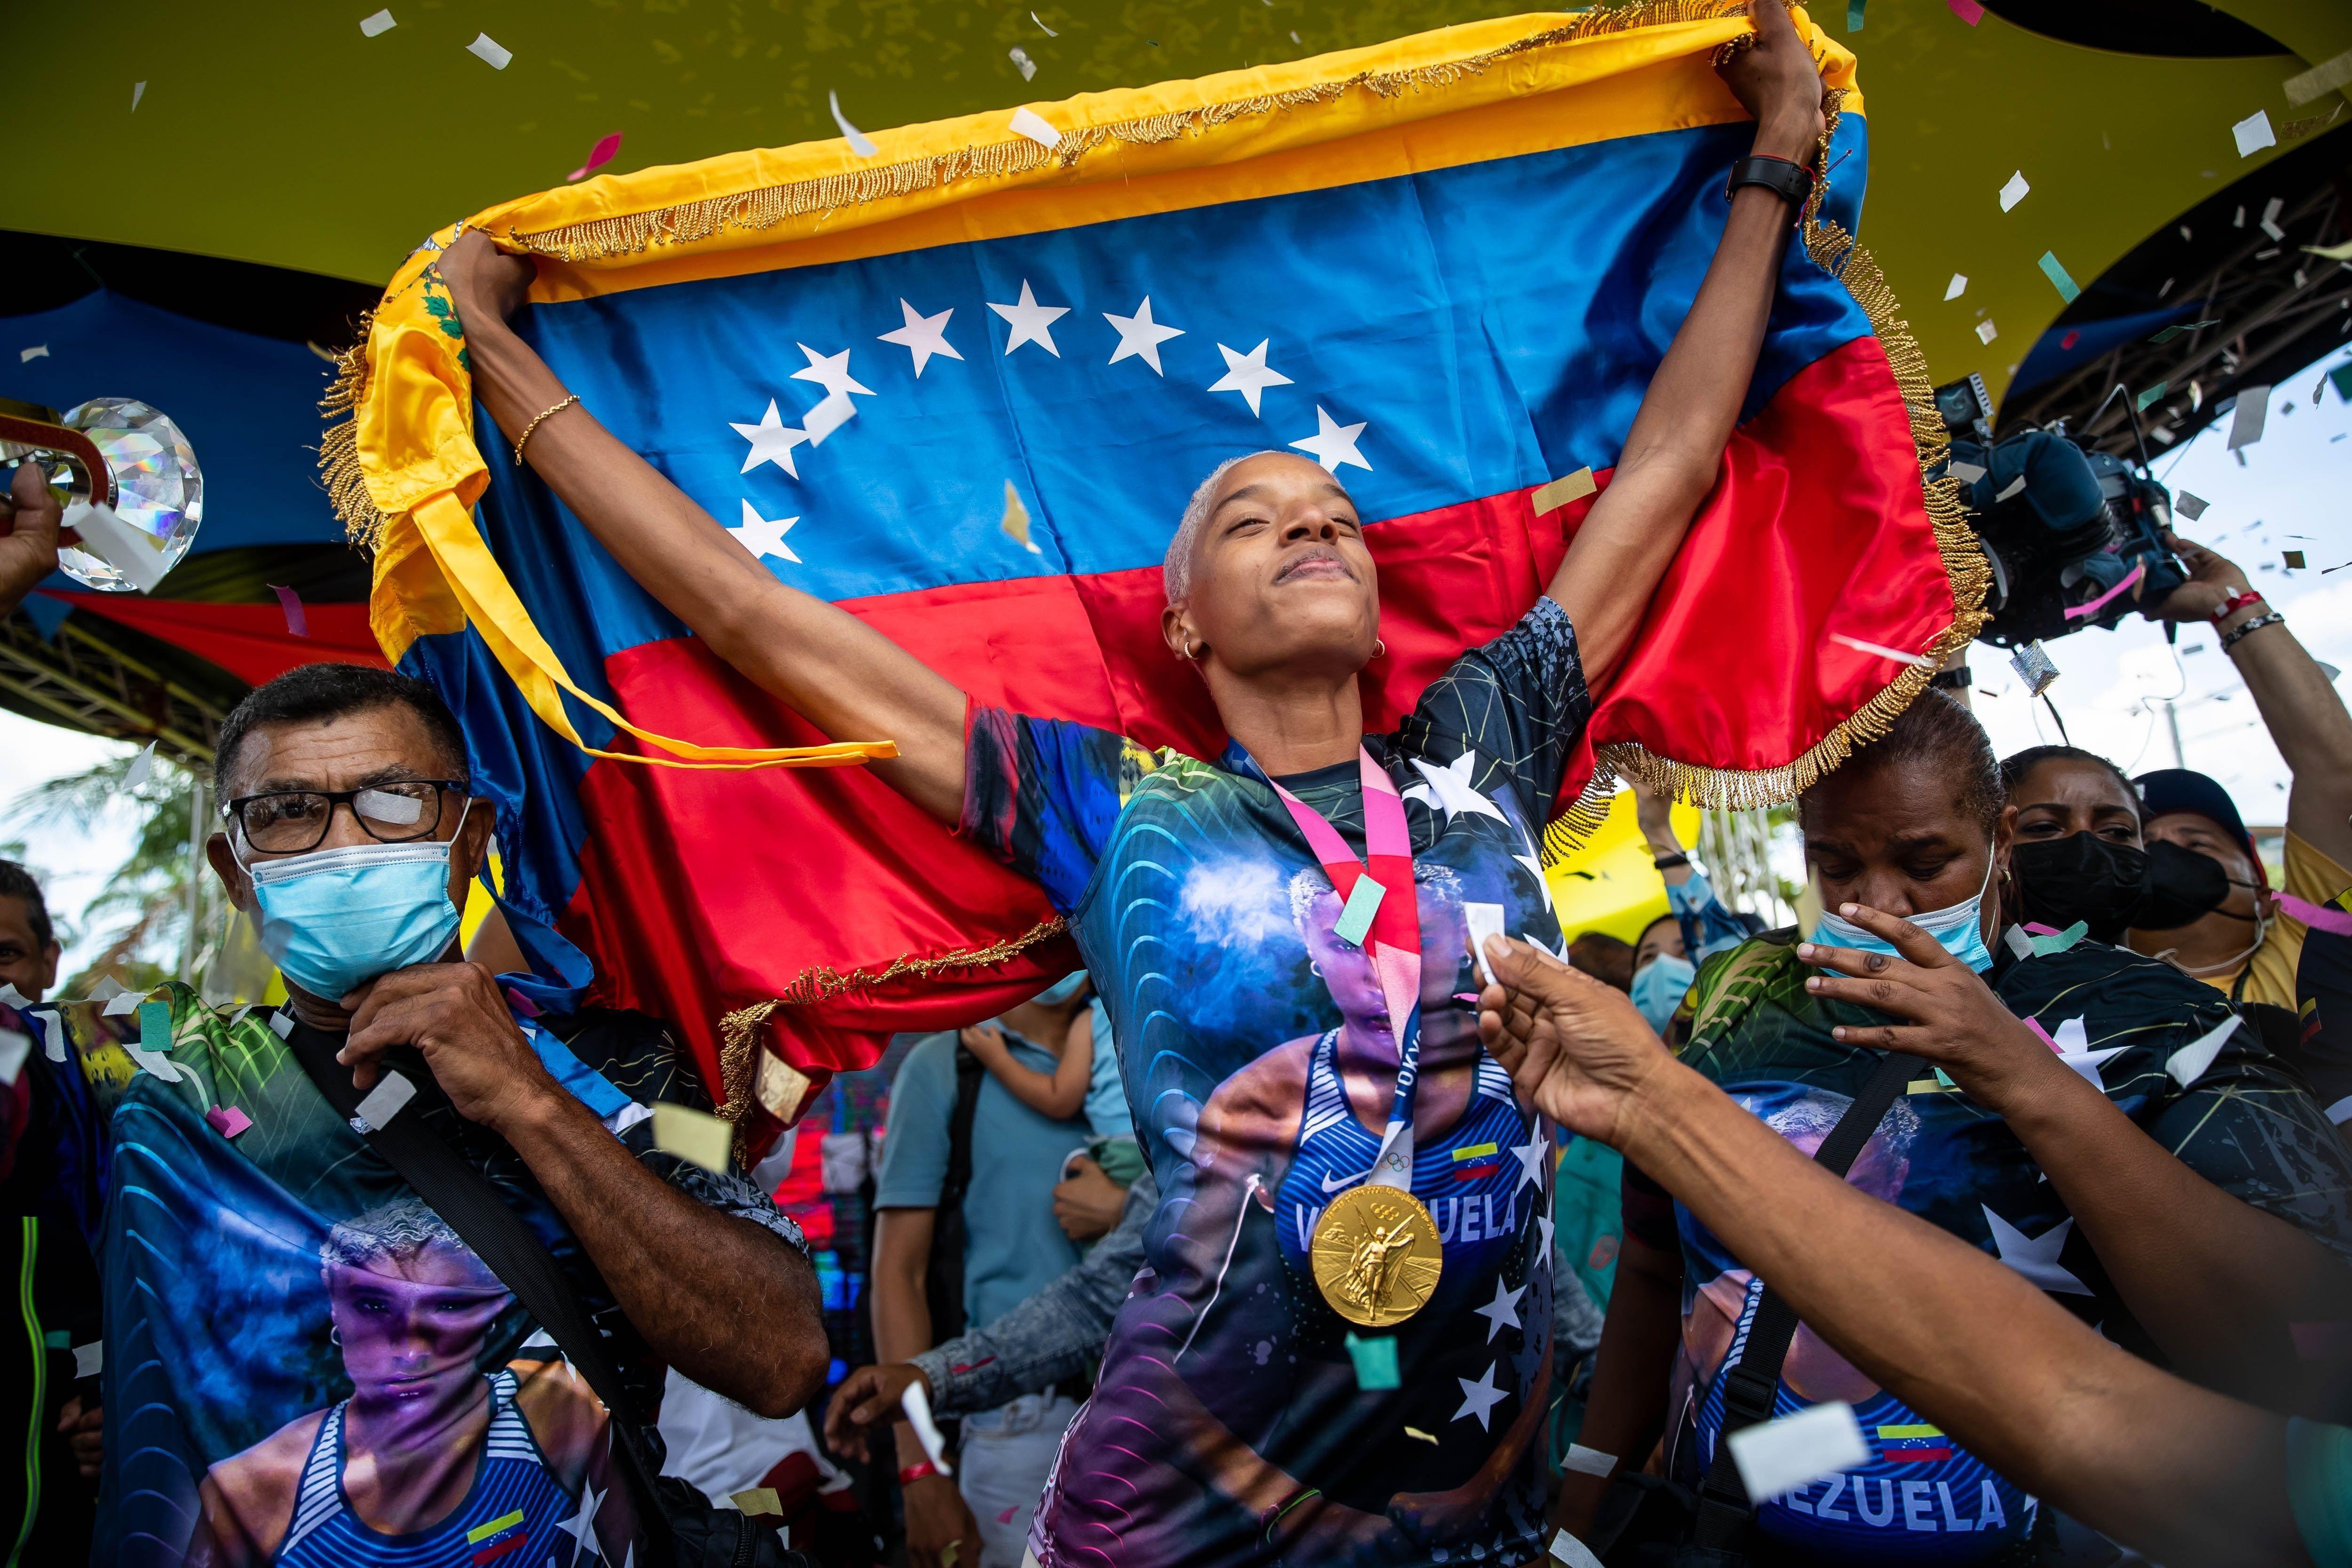 La atleta venezolana Yulimar Rojas. EFE/ Miguel Gutiérrez